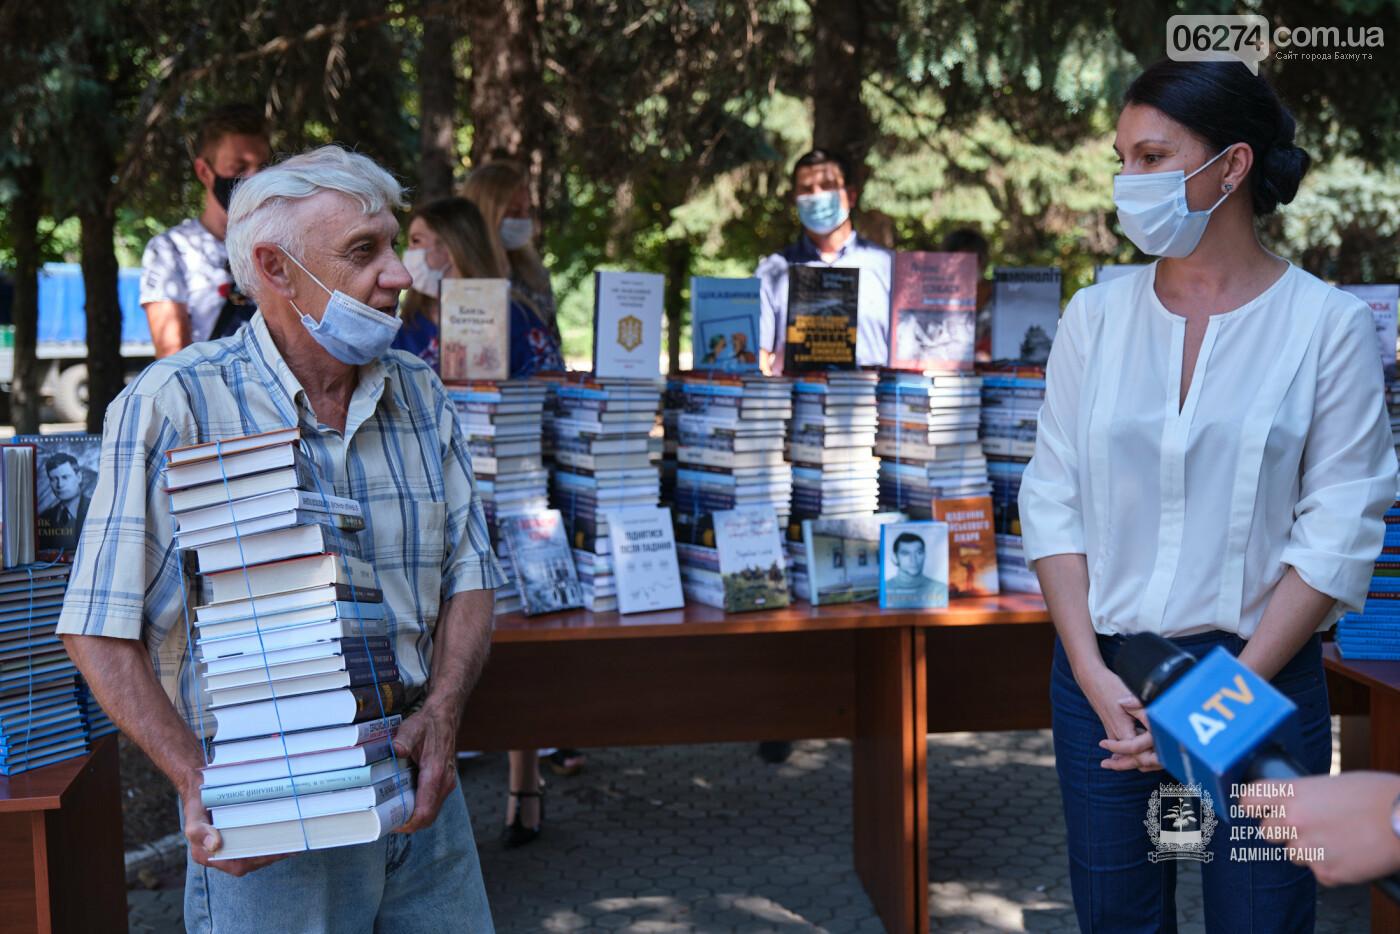 Молодежные центры области получили книги об истории Украины, выдающихся персонах и событиях АТО/ООС, фото-4